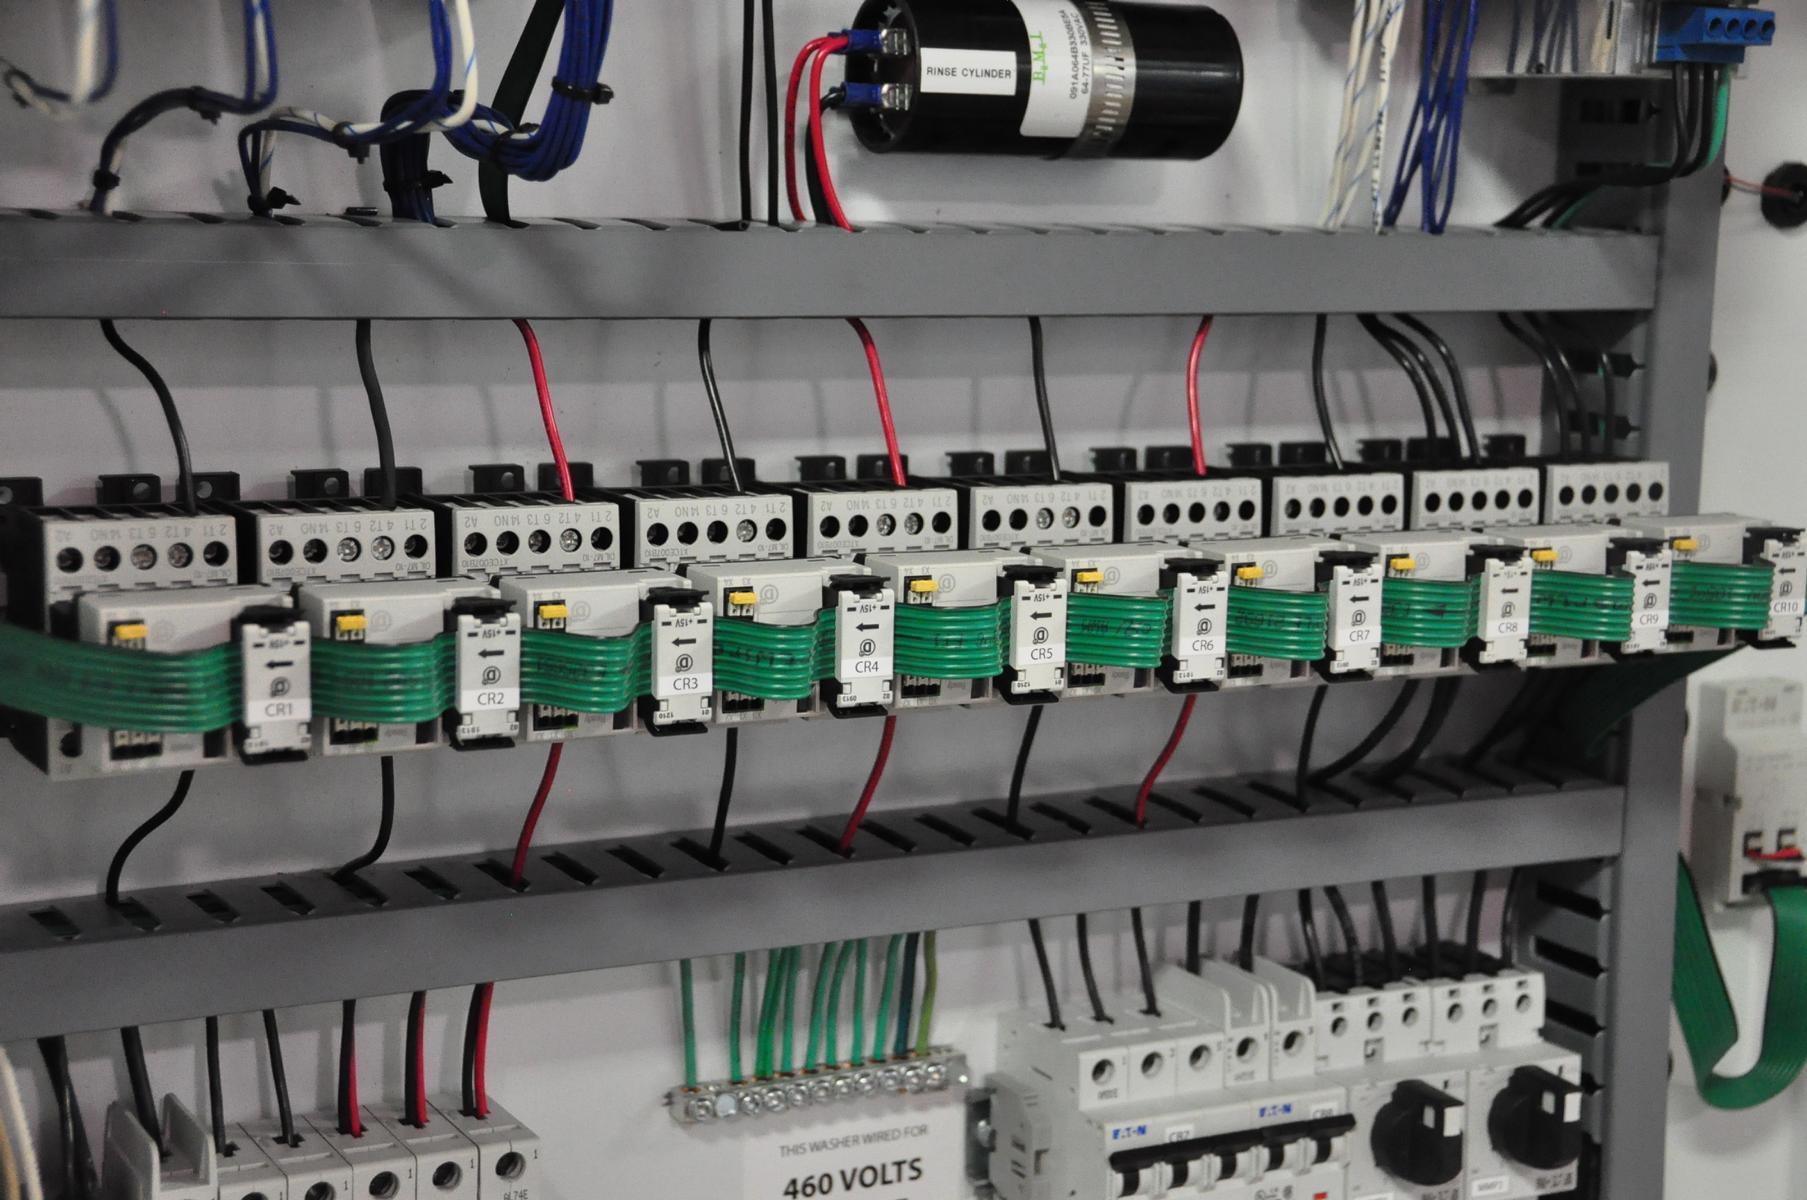 Inteligentny system okablowania i komunikacji Eaton SmartWire-DT